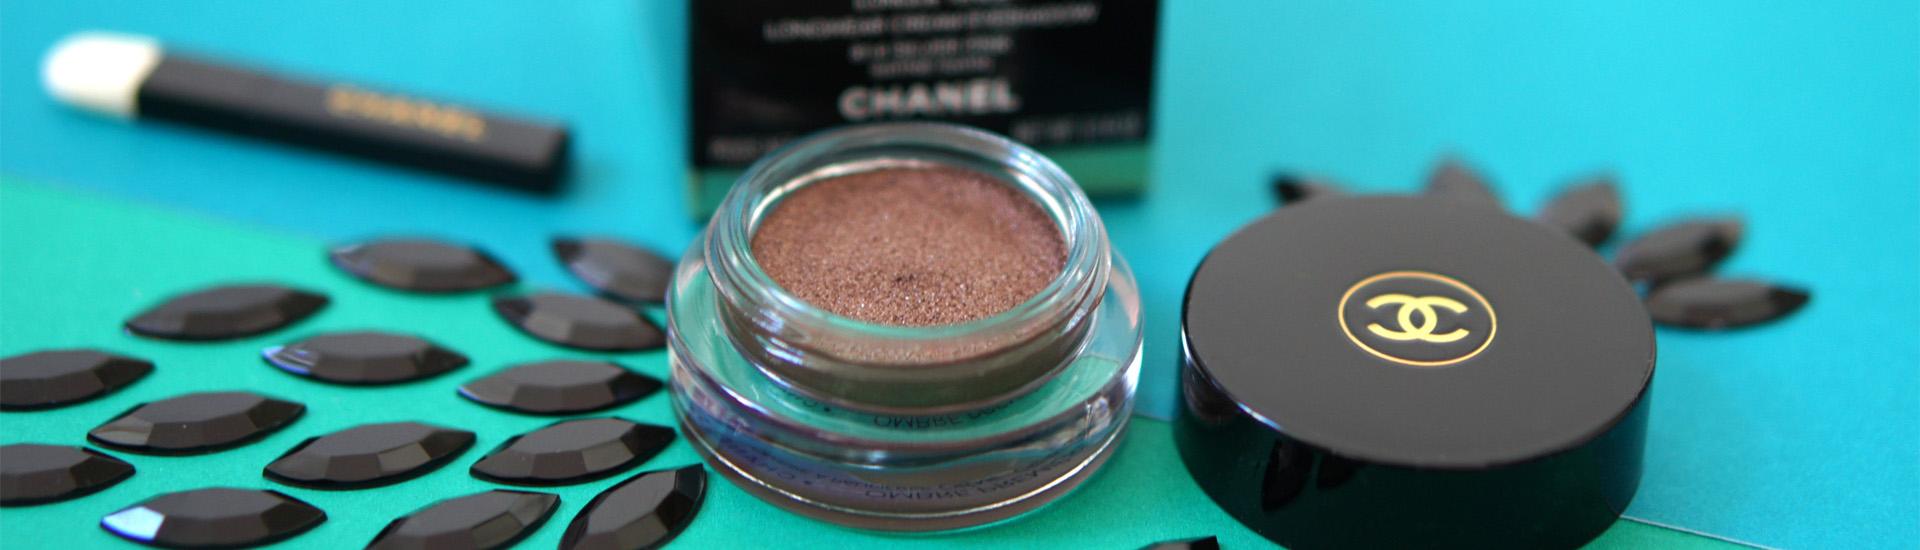 Громкое разочарование: тени Chanel Longwear Cream Eyeshadow